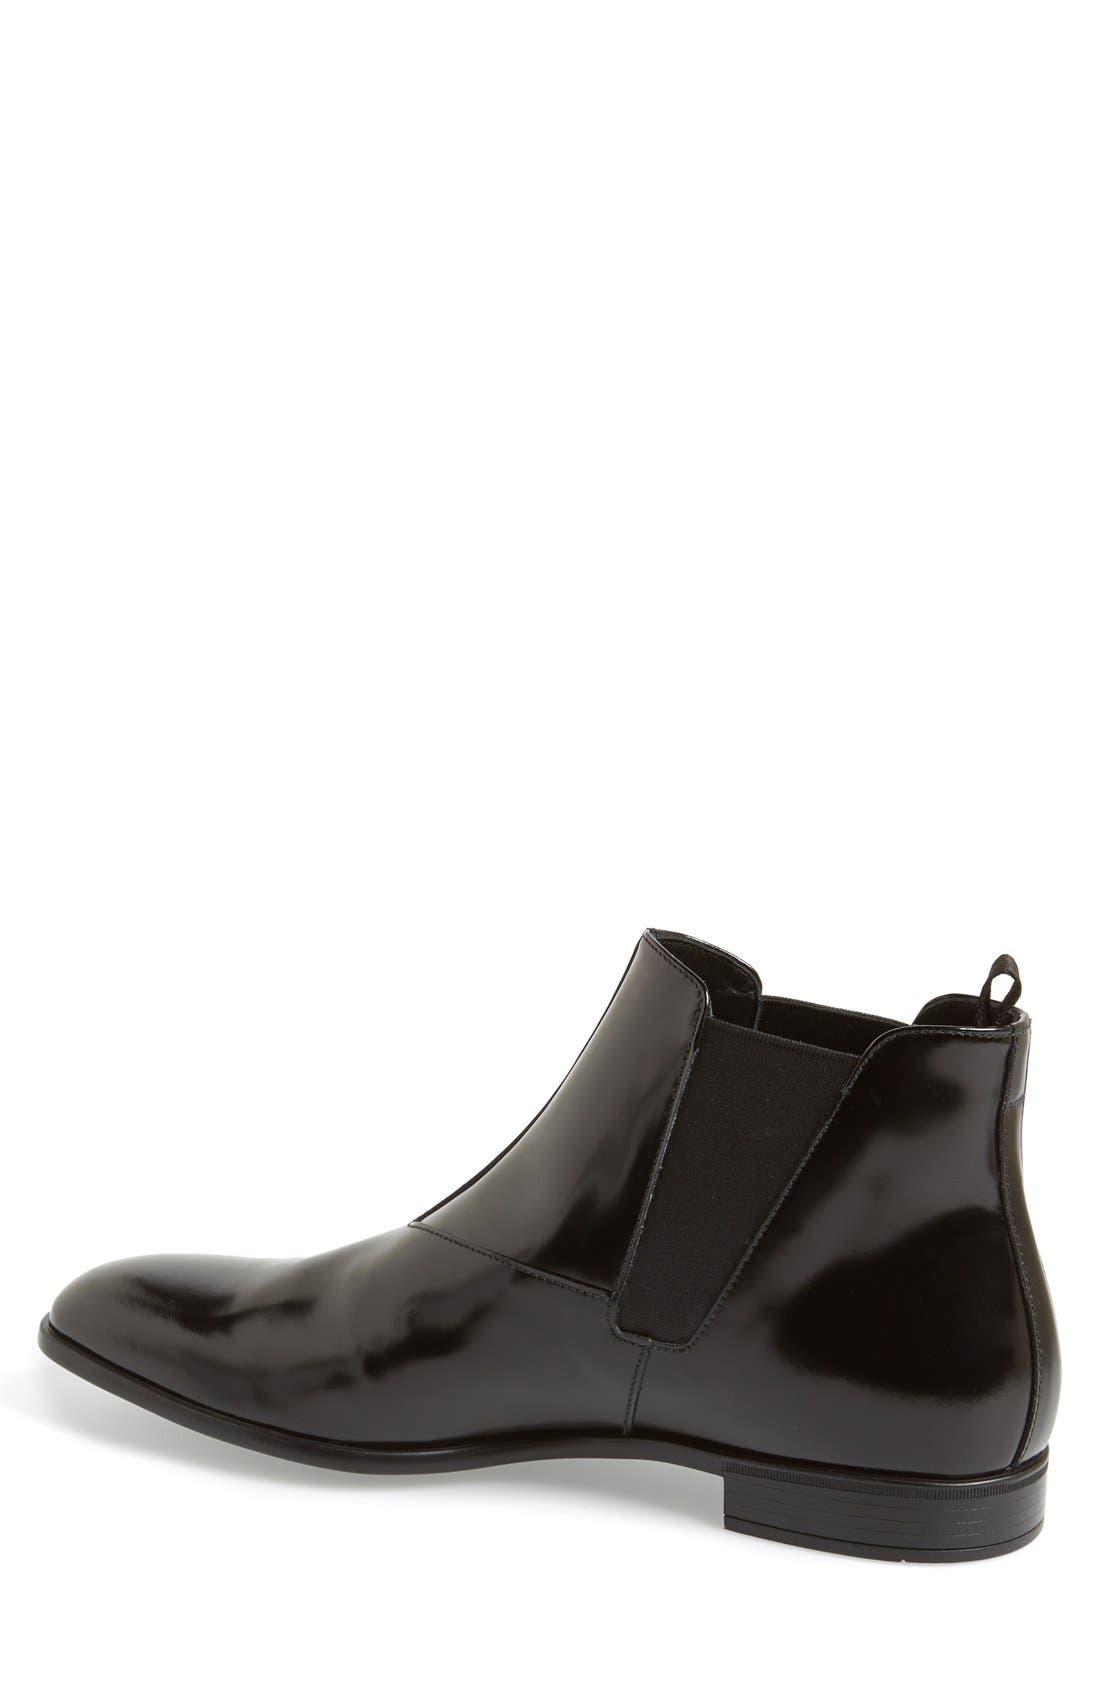 Alternate Image 2  - Prada 'Spazzolato' Chelsea Boot (Men)